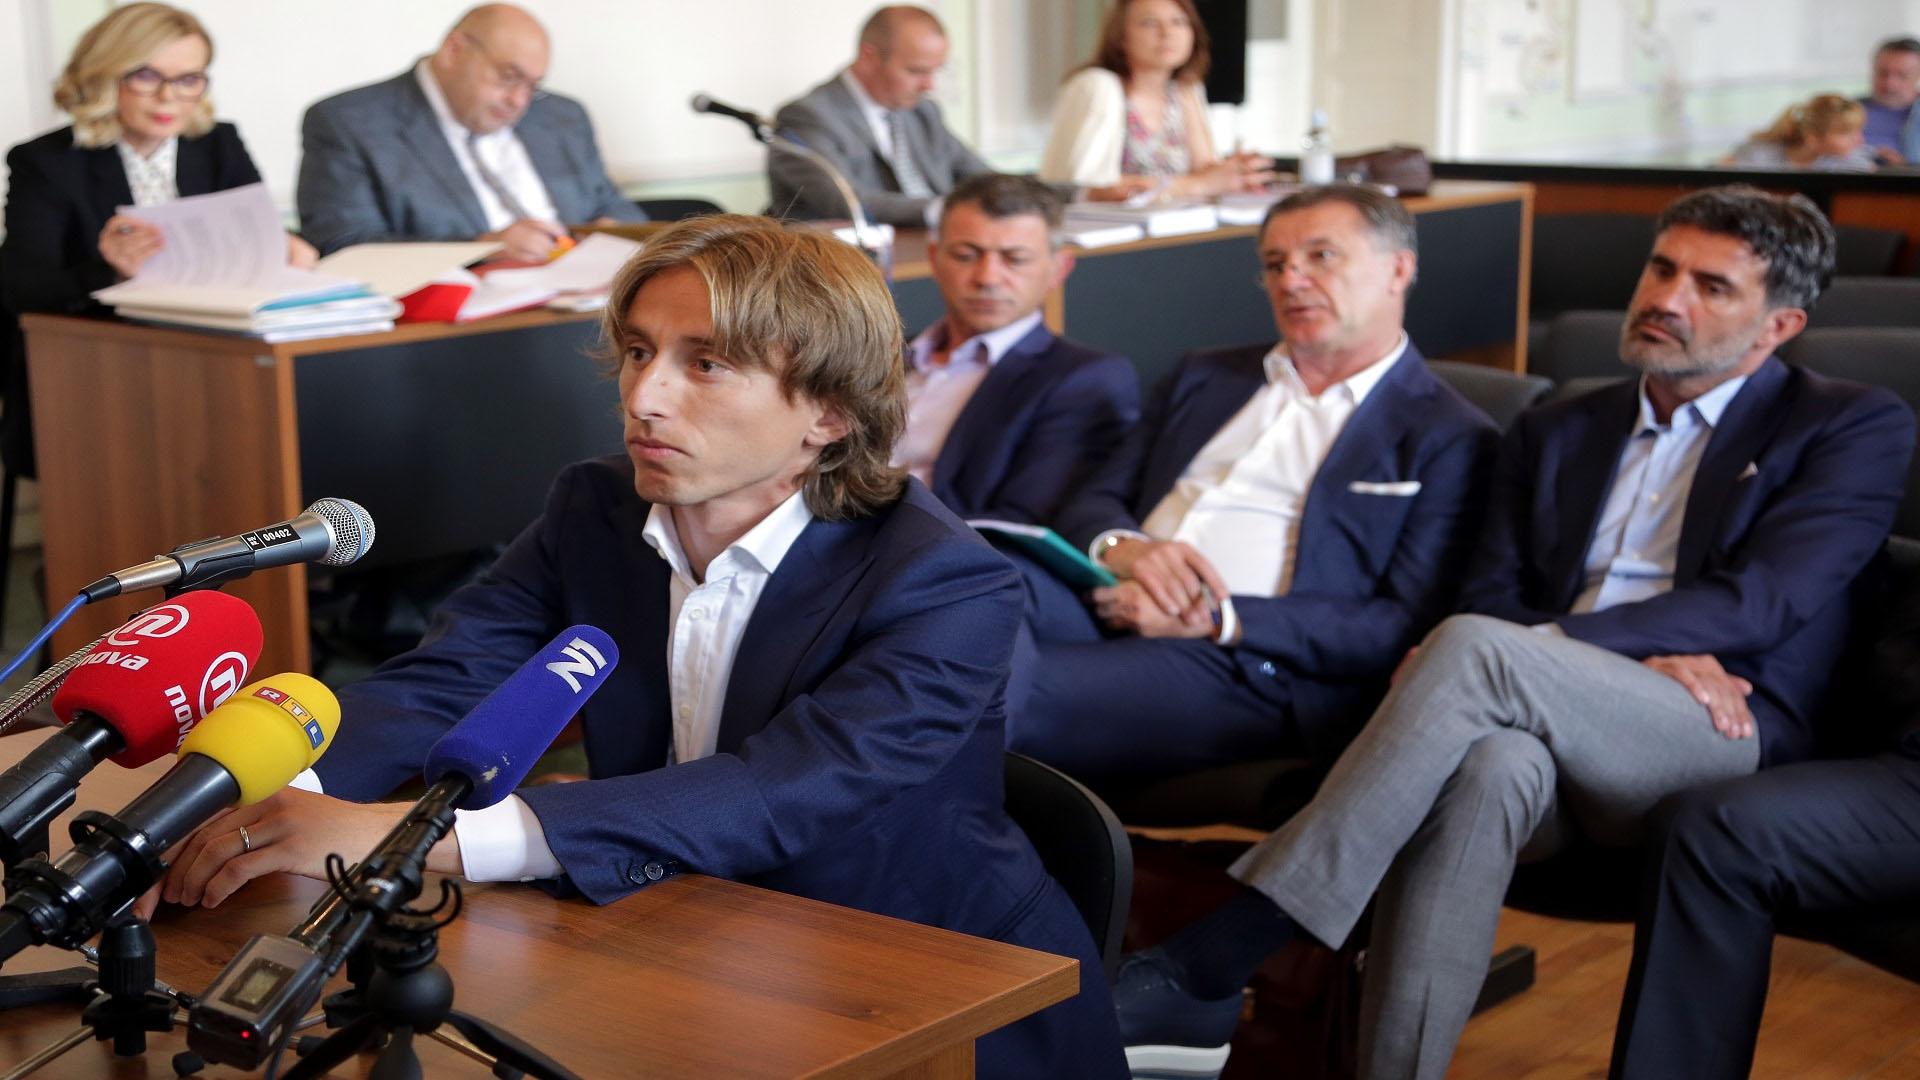 لماذا لوكا مودريتش ثاني أكثر شخص مكروه في كرواتيا ومن هو الأول؟